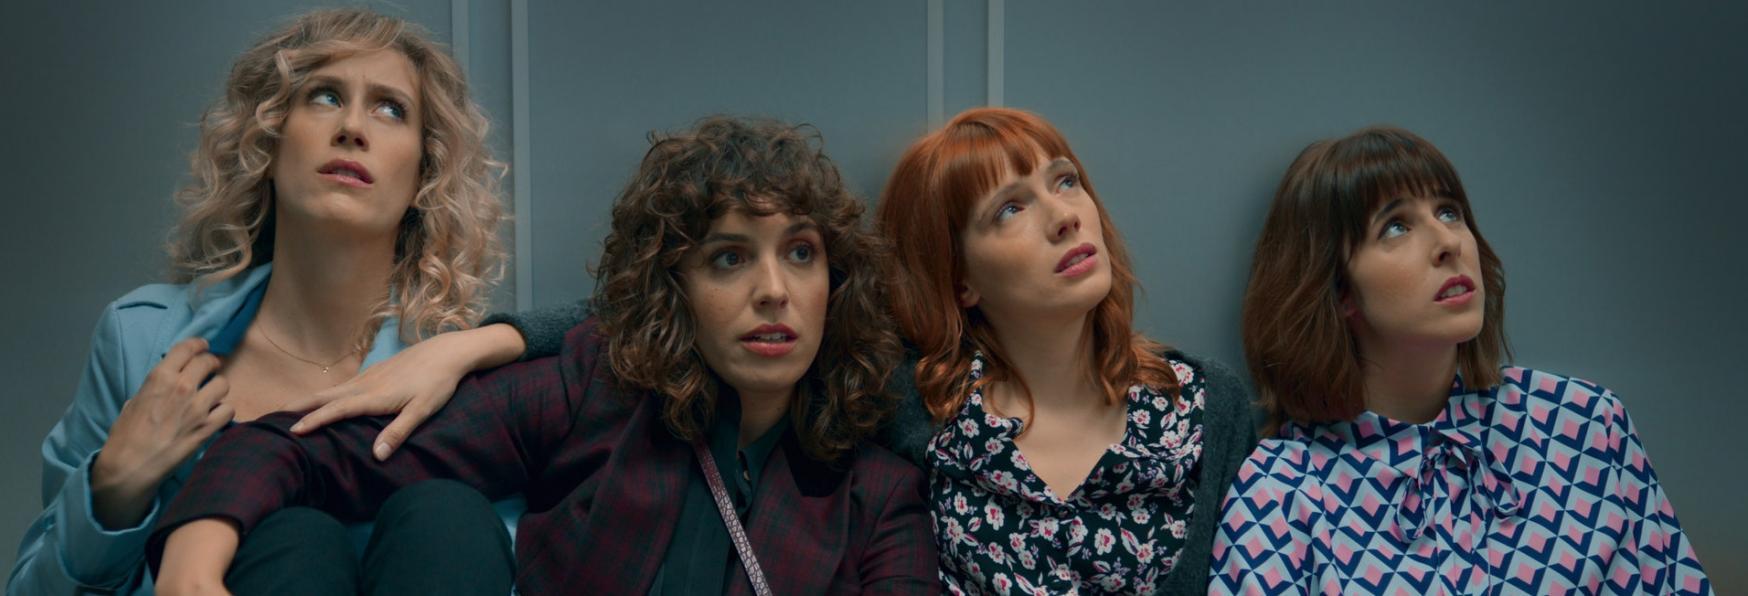 Valeria 2: Recensione della nuova Stagione della Piccante Serie TV Spagnola targata Netflix